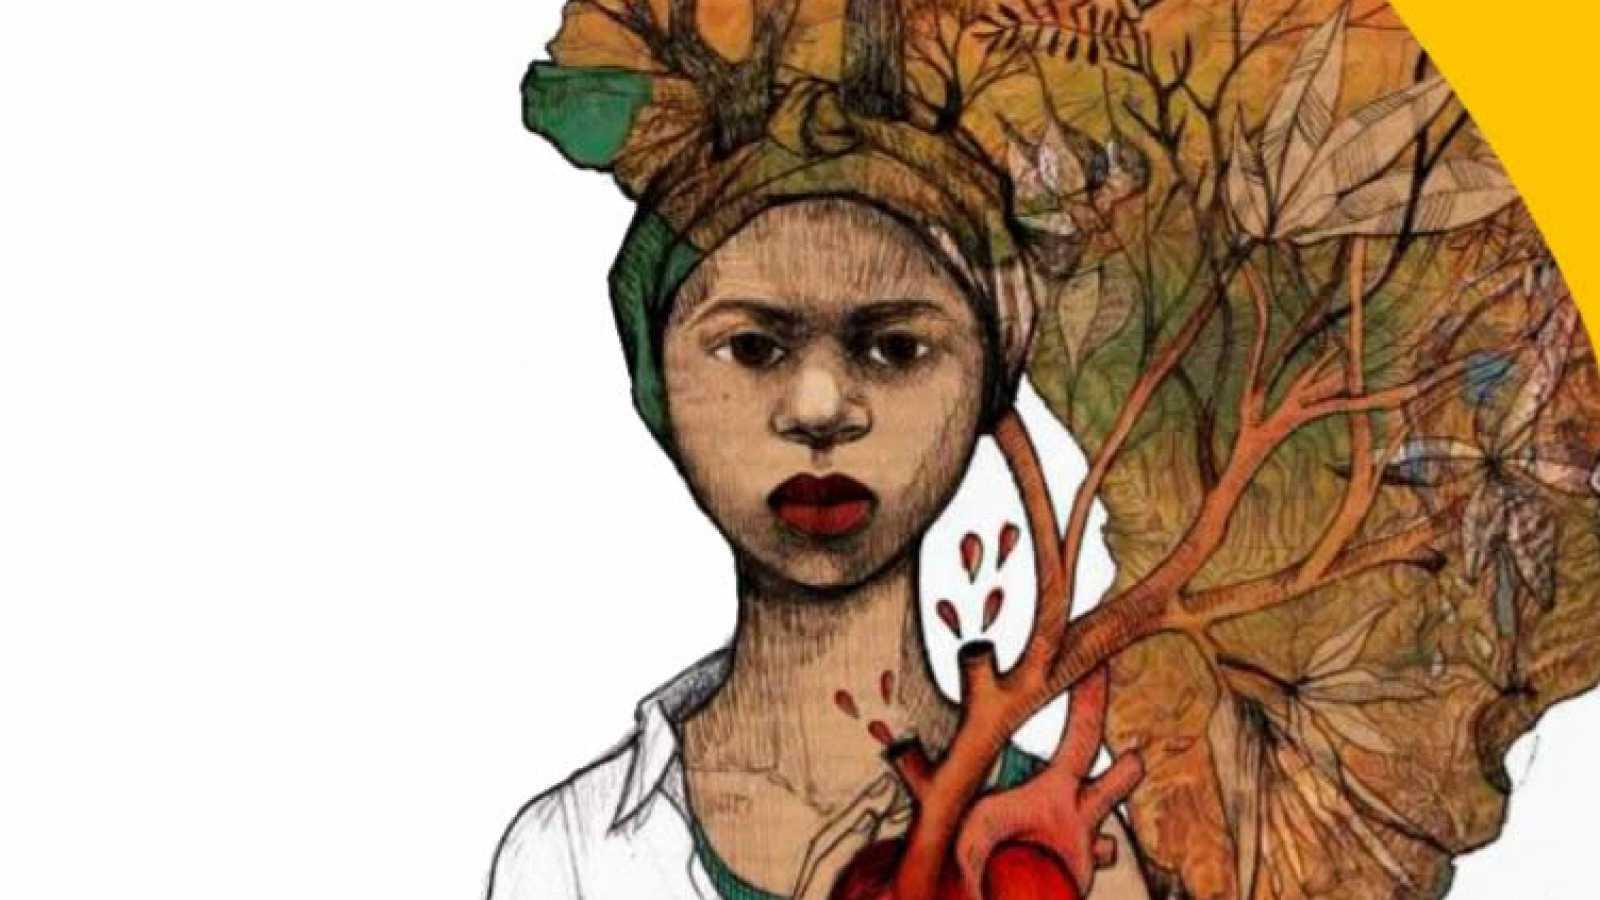 África hoy - Las migrantes negroafricanas denuncian el 'racimachismo' que sufren - 22/04/21 - escuchar ahora